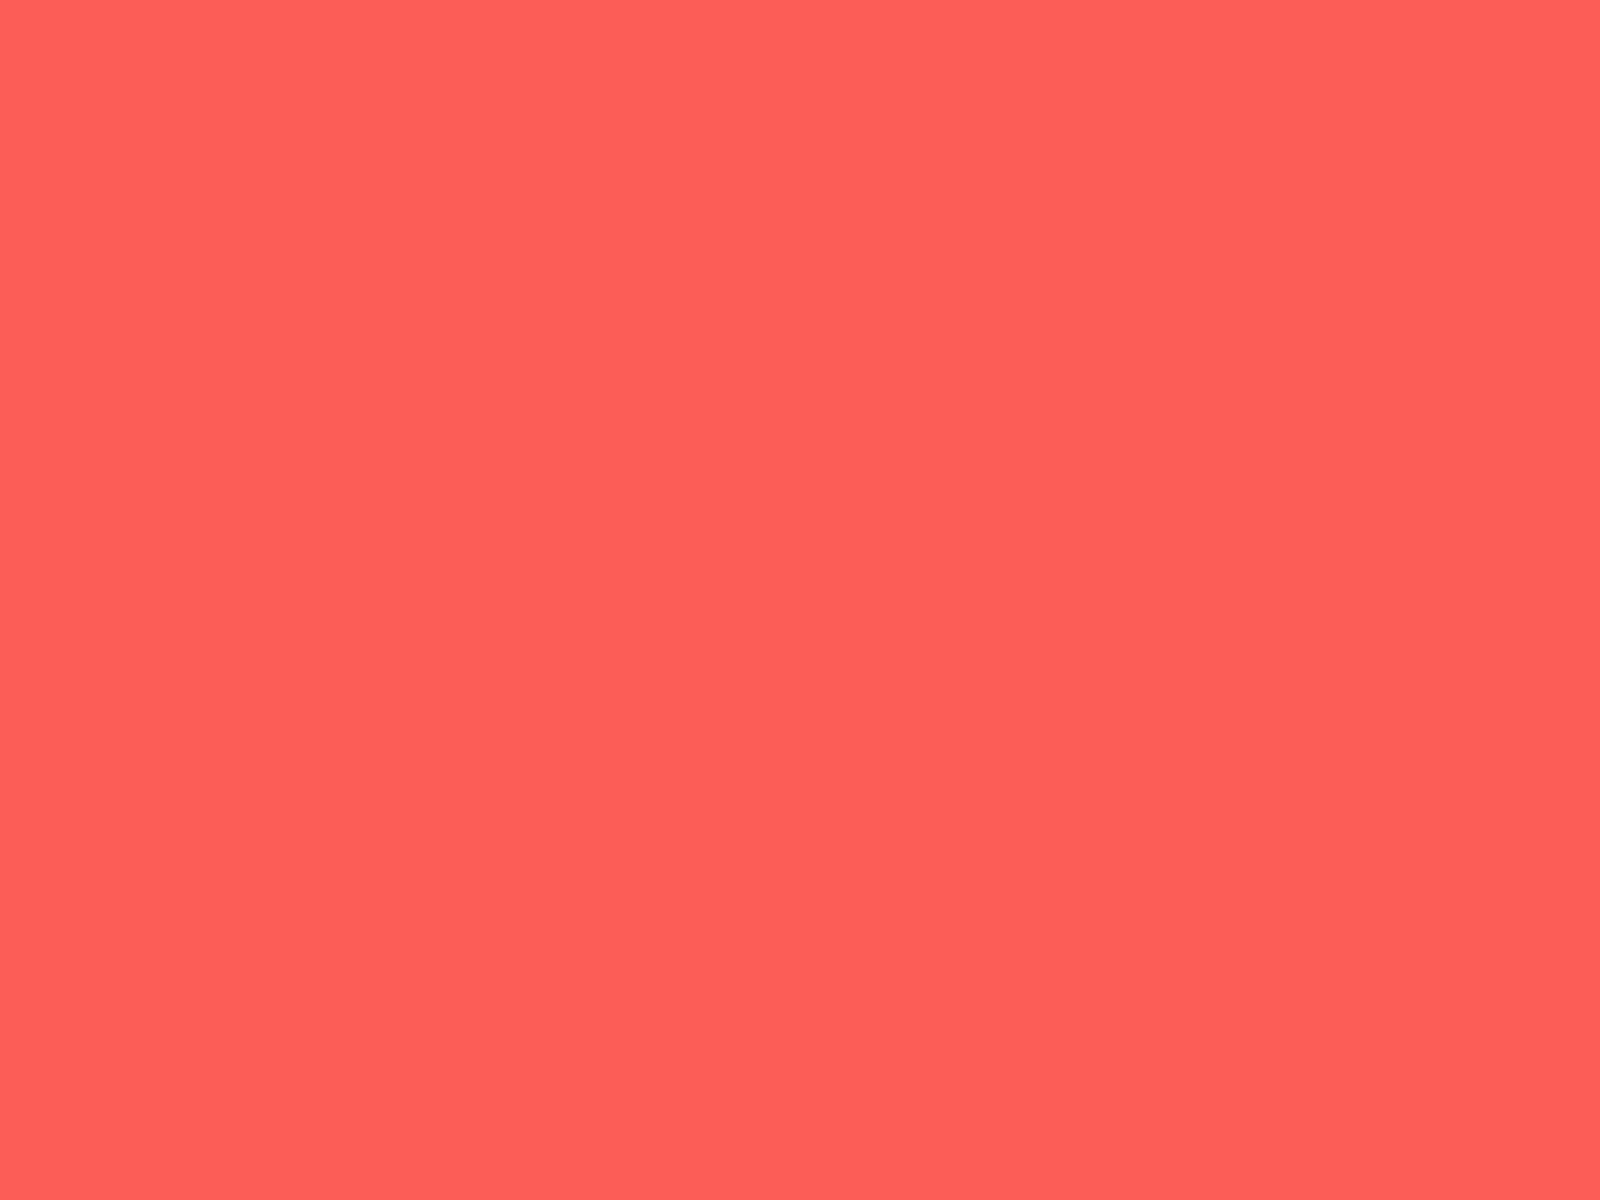 1600x1200 Sunset Orange Solid Color Background